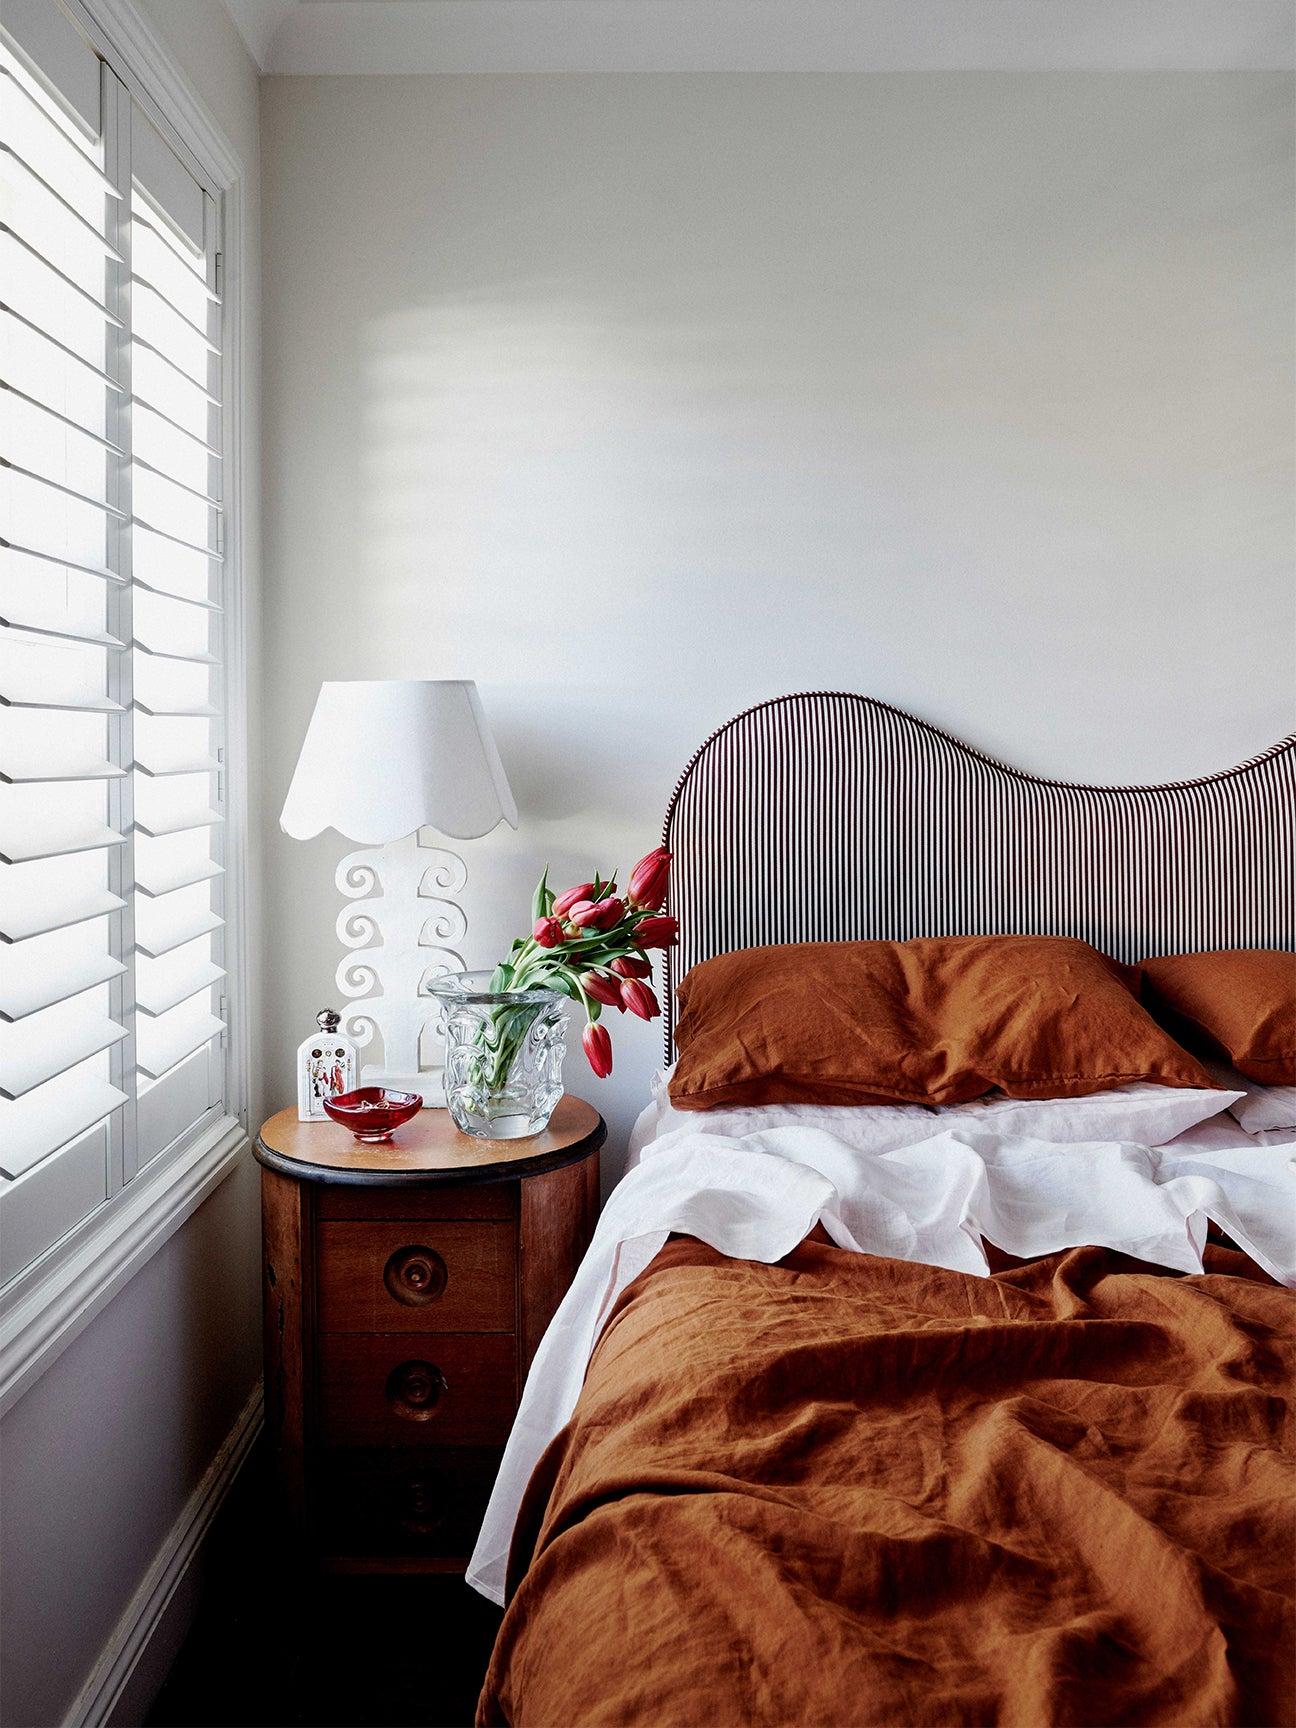 Bedroom with a wavy headboard.